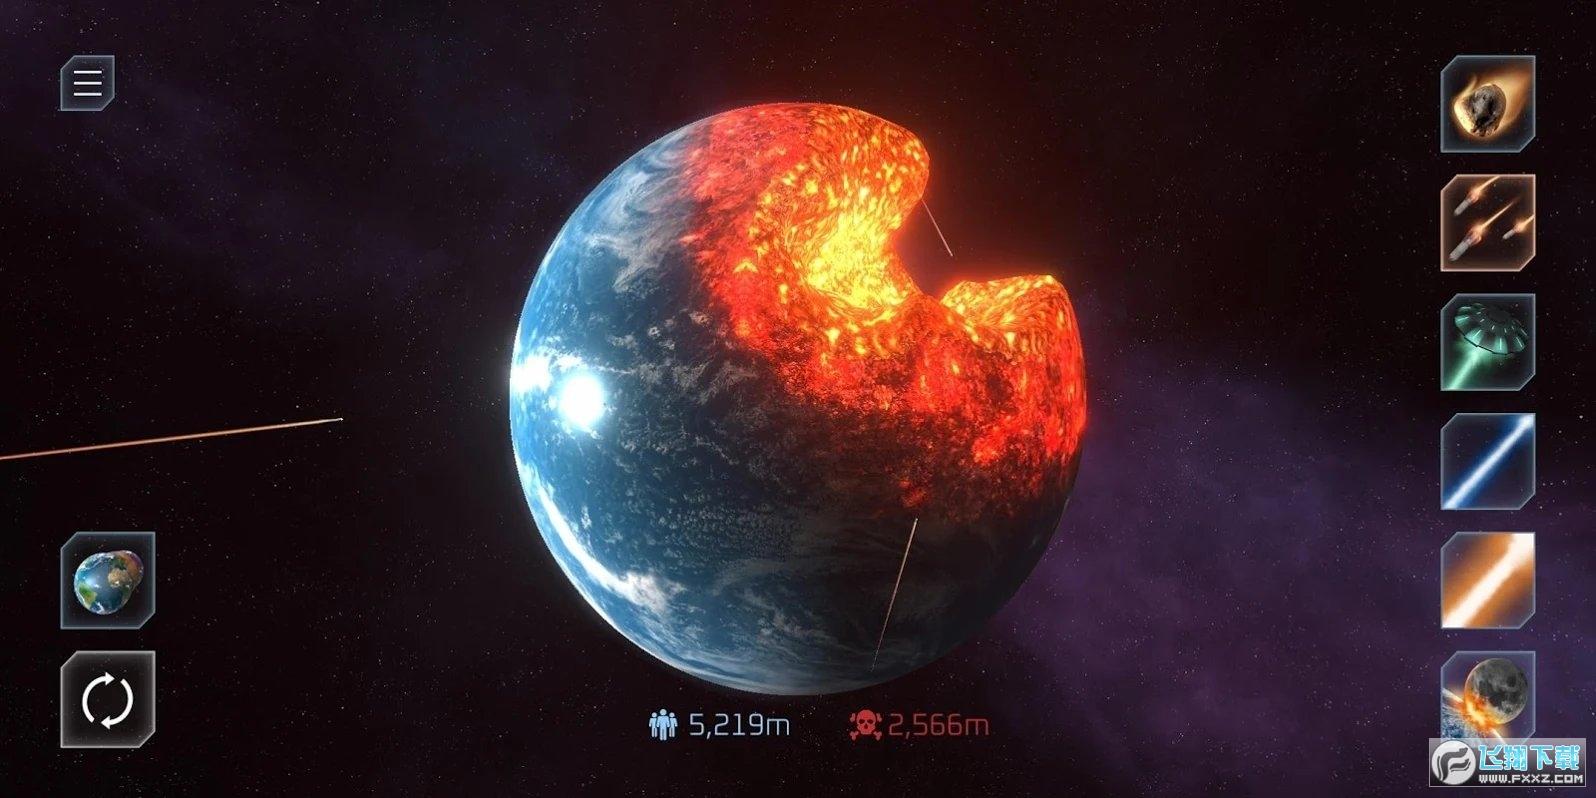 毁灭星球模拟器最新破解版v1.1.0安卓版截图1